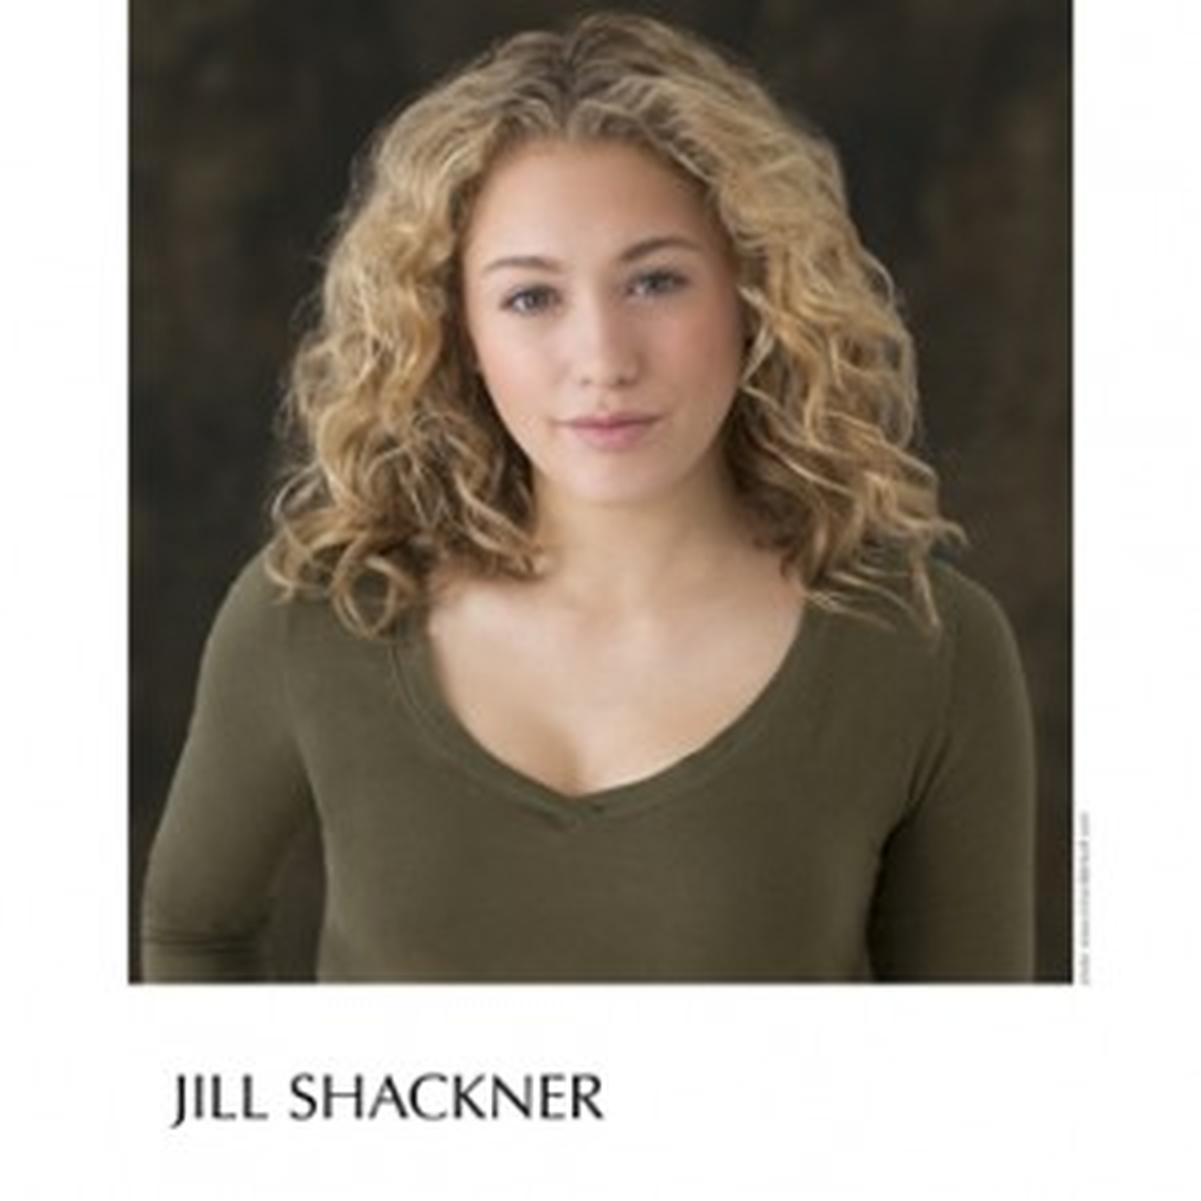 JillShackner wiki, JillShackner review, JillShackner history, JillShackner news